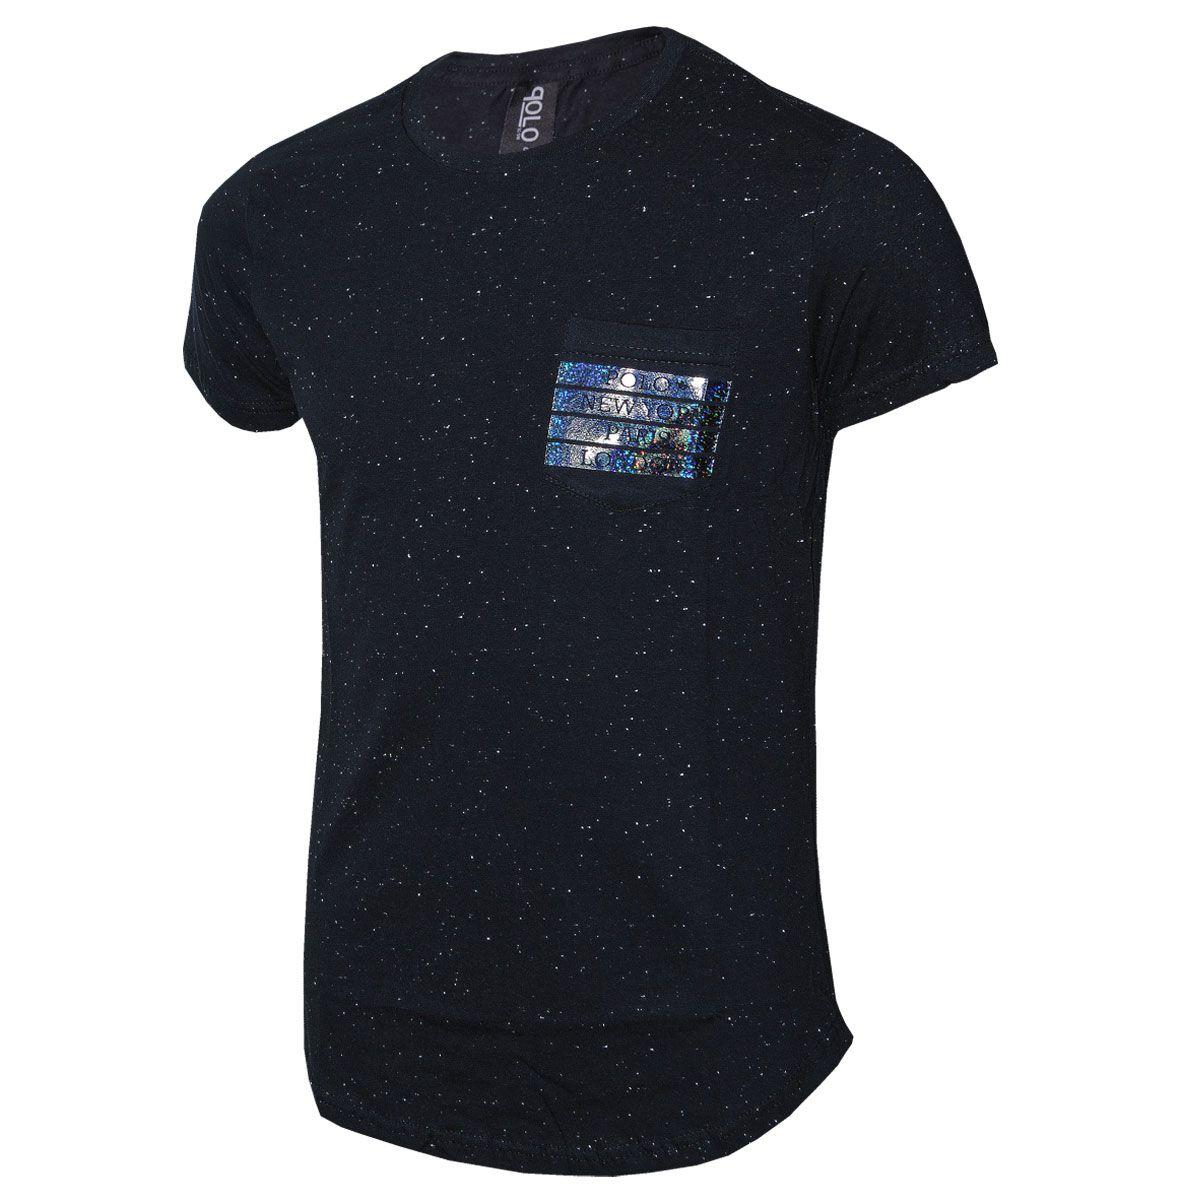 Camiseta Masculina em malha Botonê e Bolso Estampado em Foil